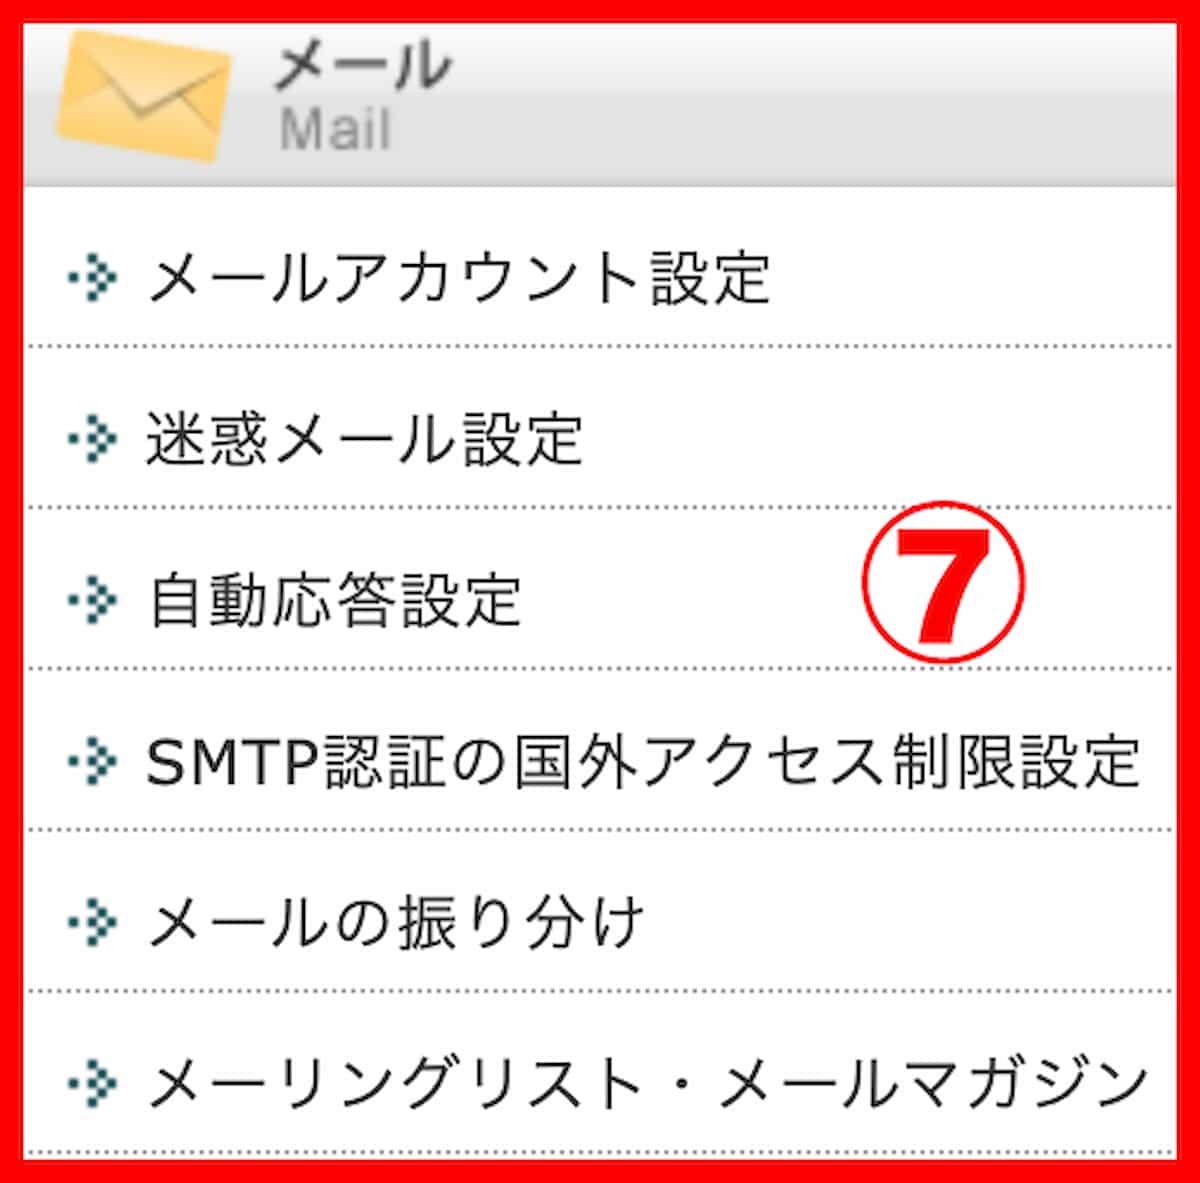 新しいwpxレンタルサーバーのコントロールパネルのメールアドレス